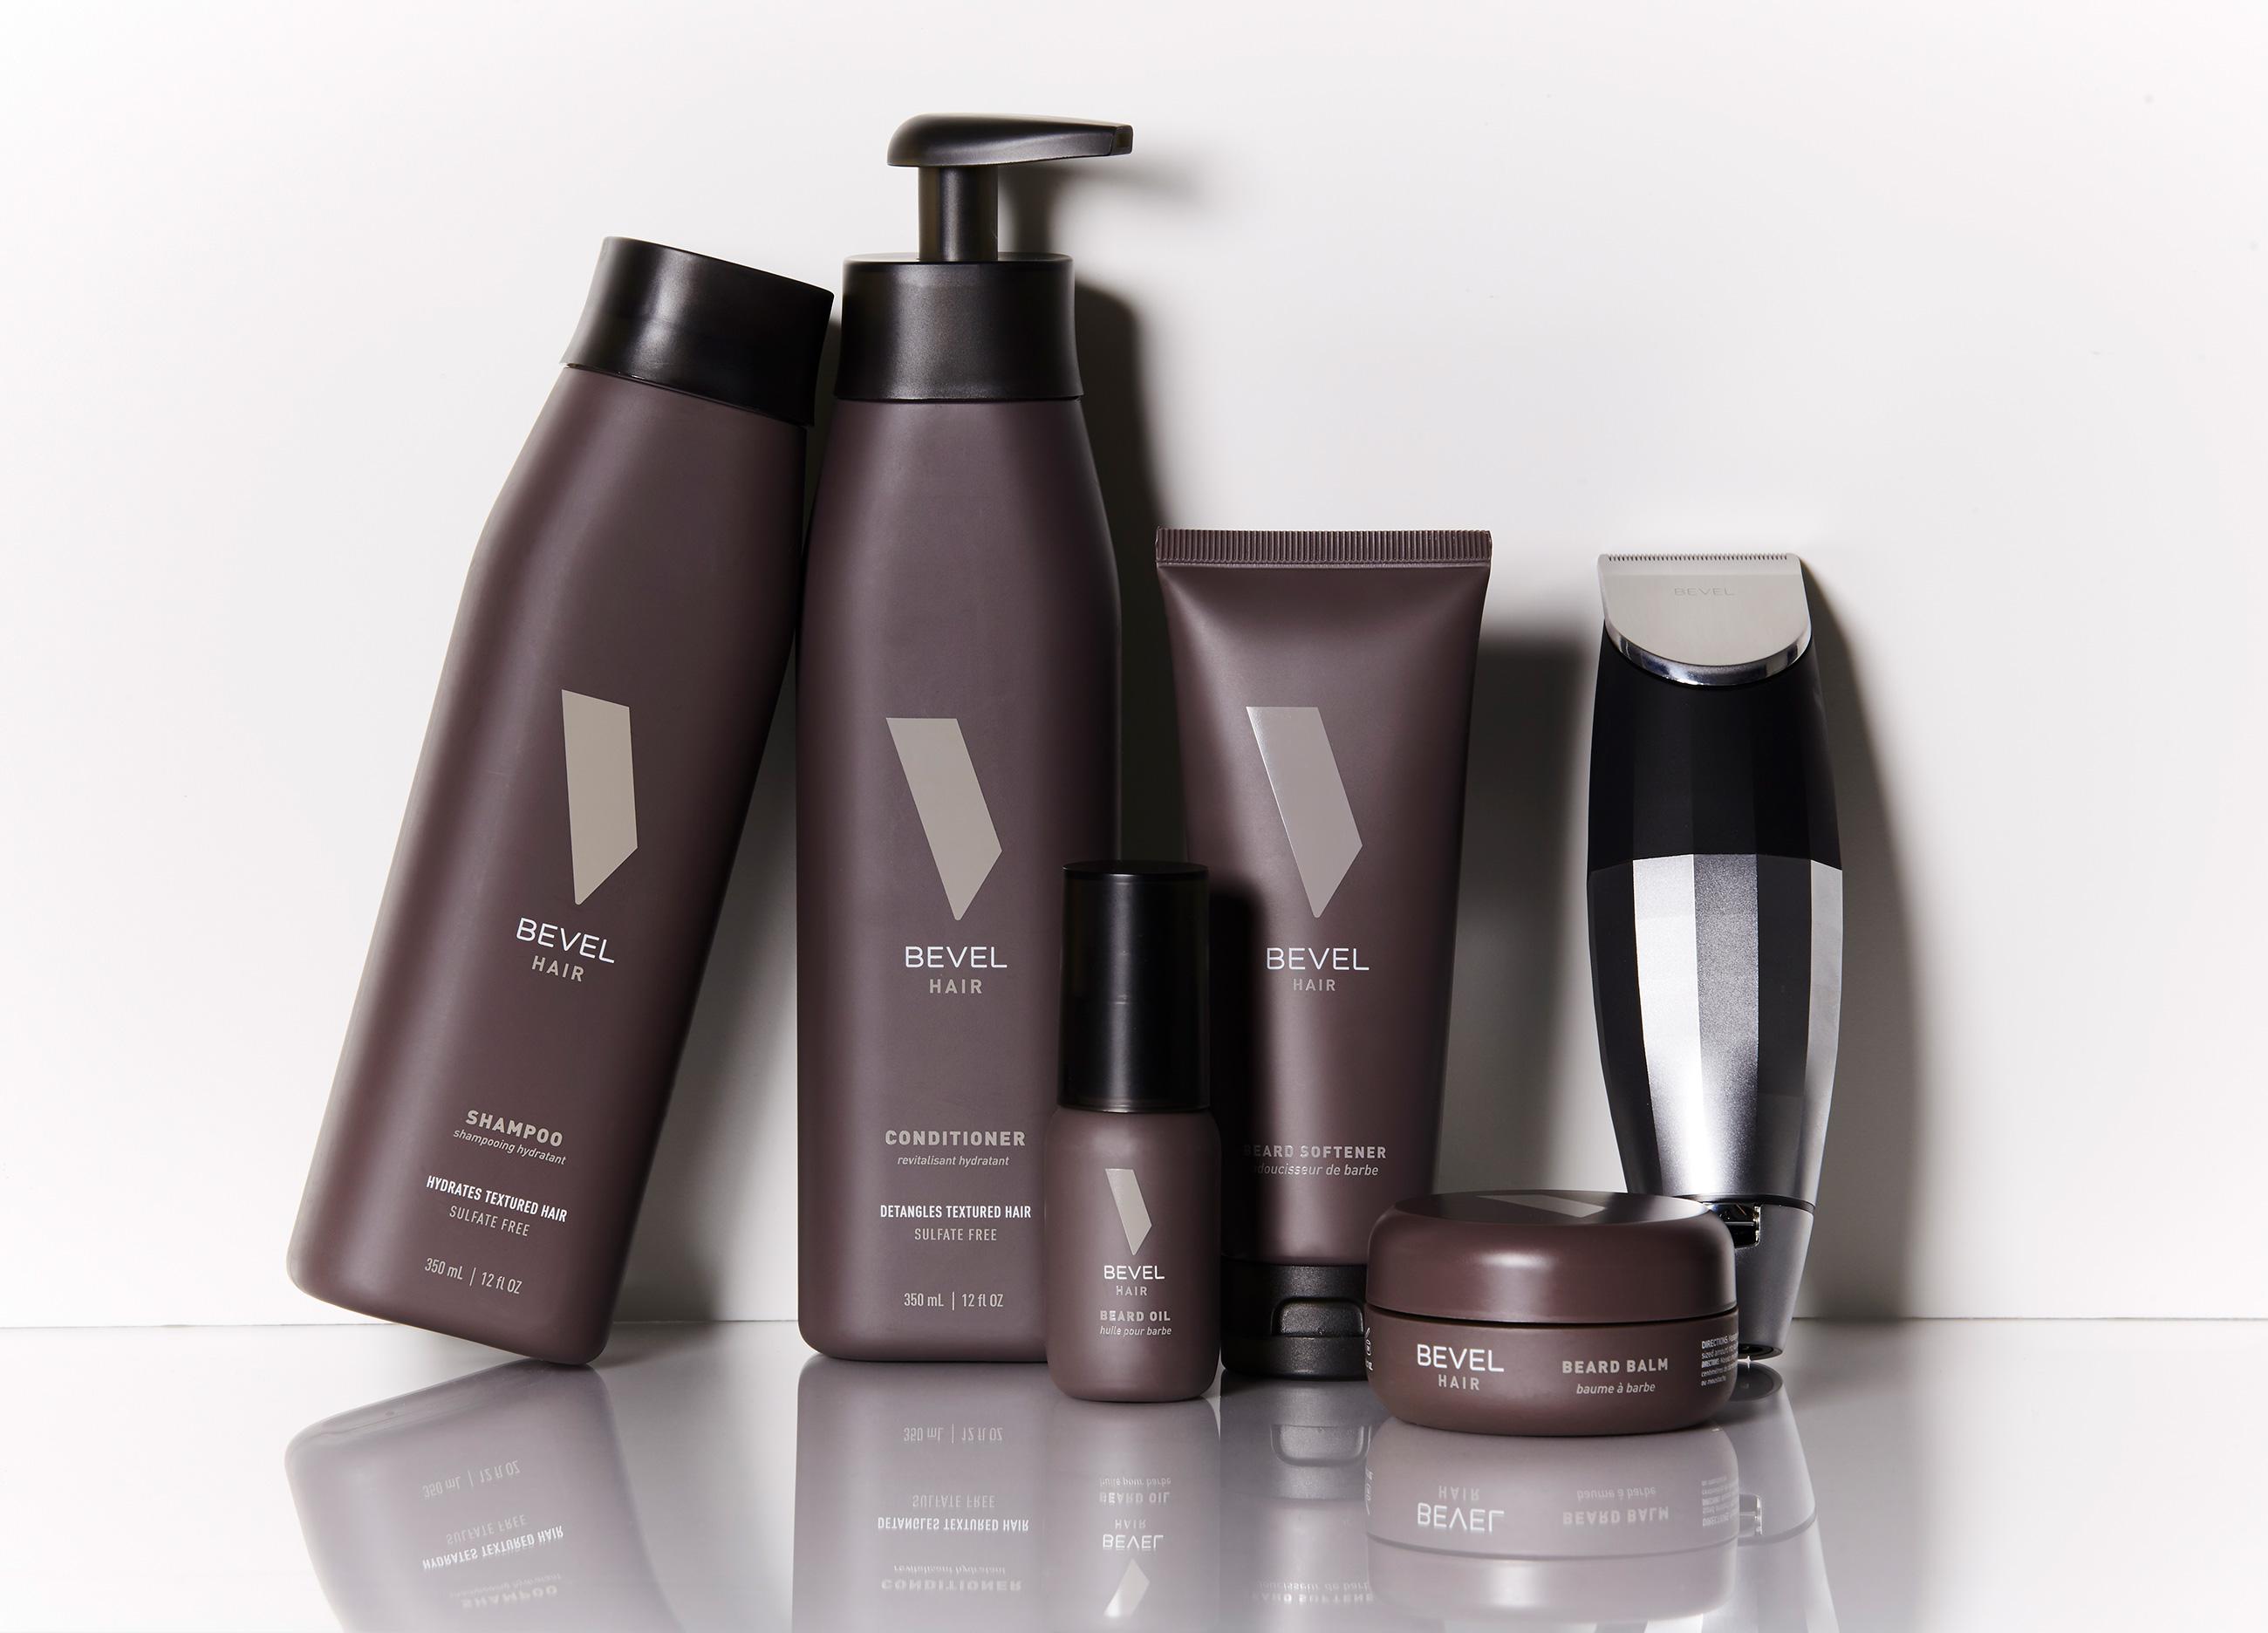 bevel hair beard balm softener oil trimmer pomade